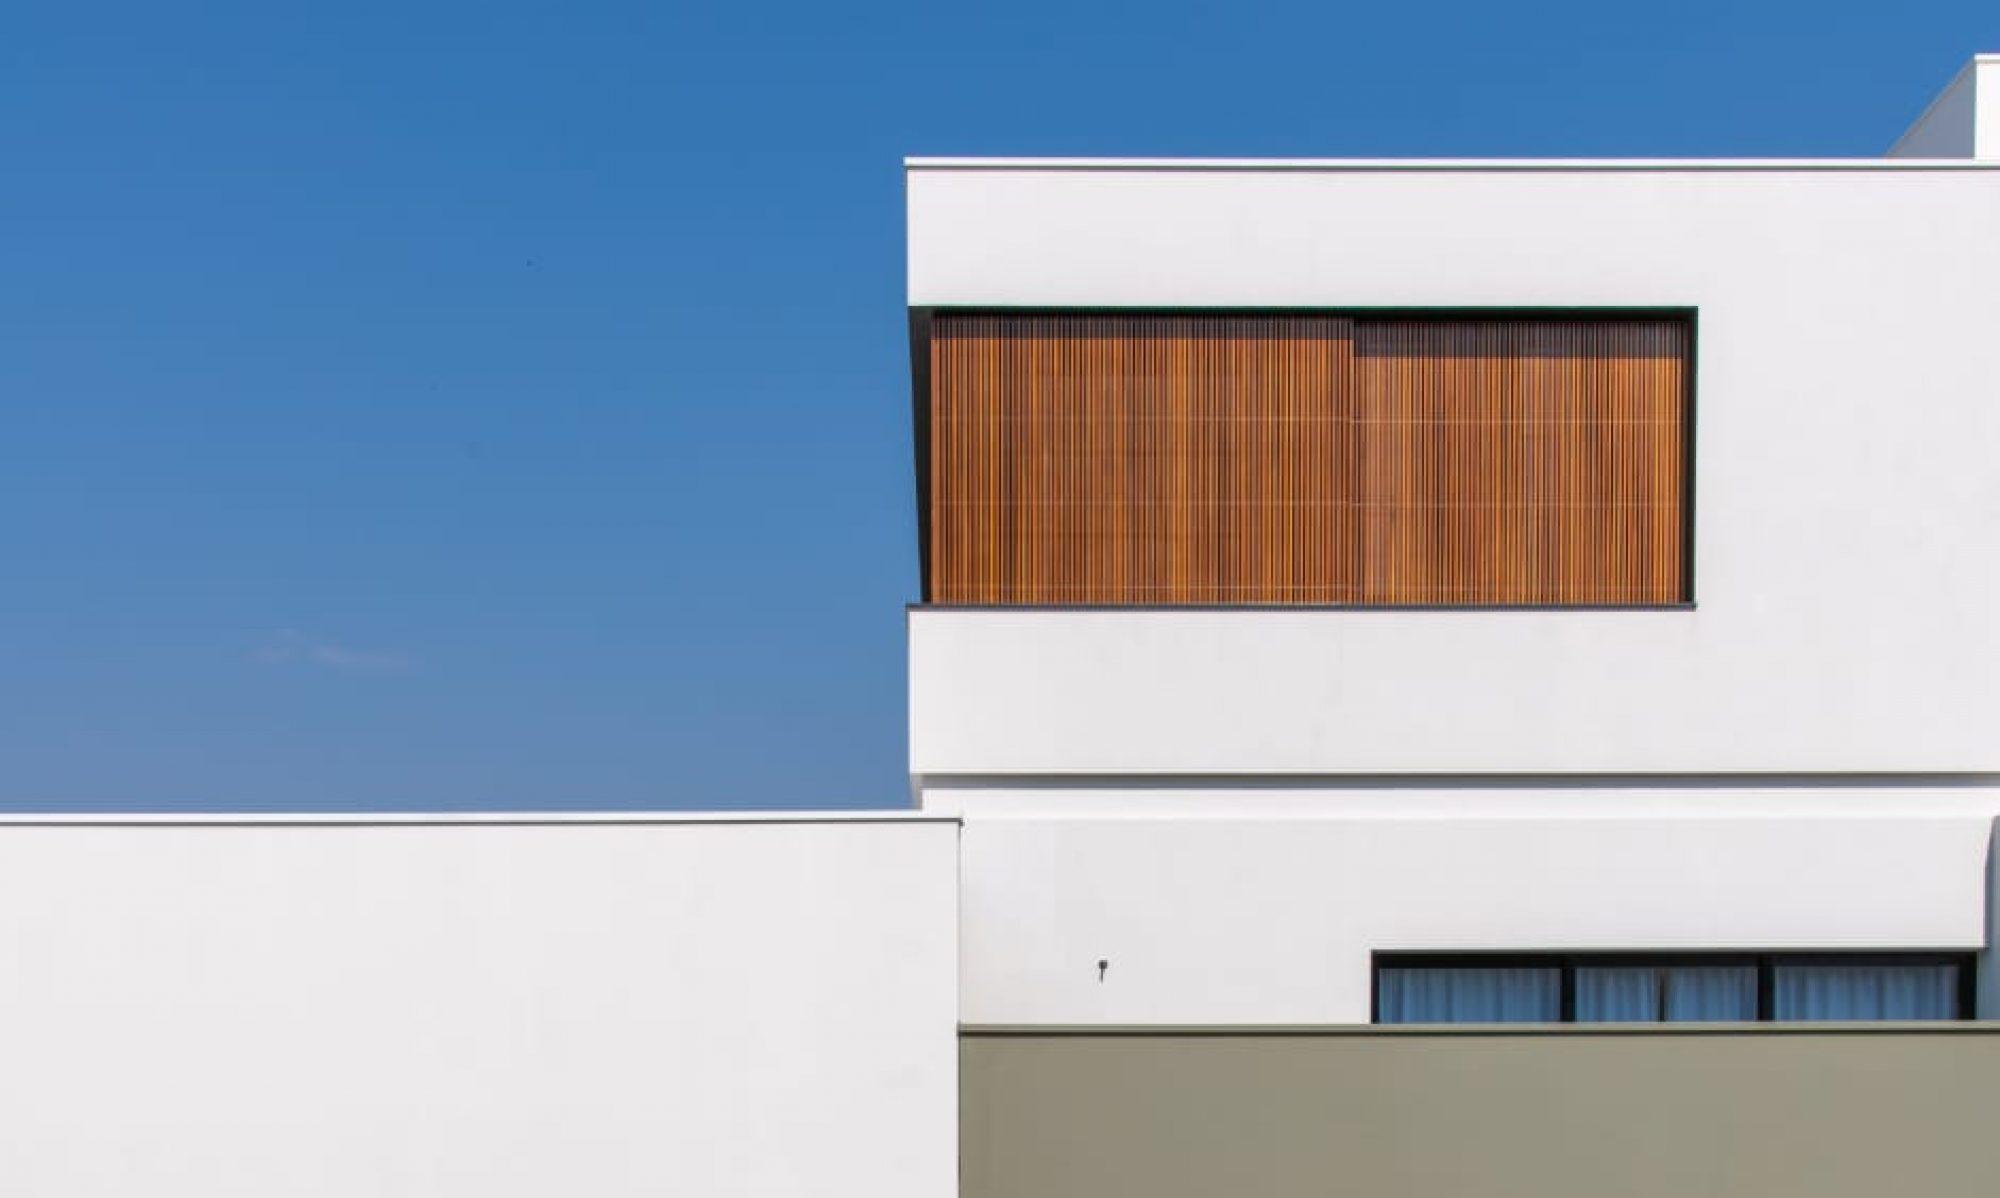 raquel pelosi arquitetura